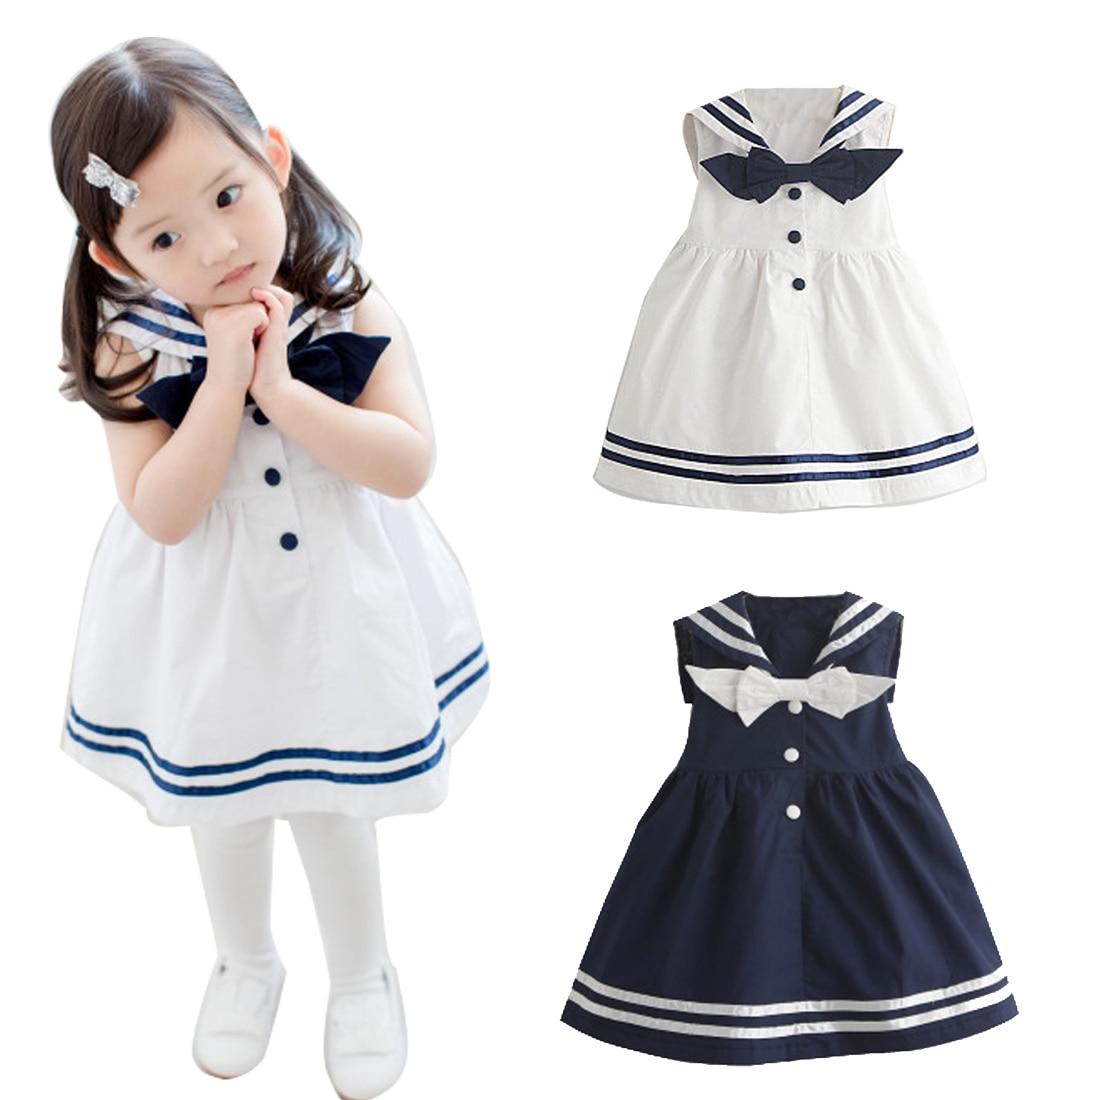 Dress up diary baju pelaut - Gaorui Gadis Tanpa Lengan Baju Anak Bayi Putri 2017 Baru Navy Sailor Seragam Gaya Kasual Gadis